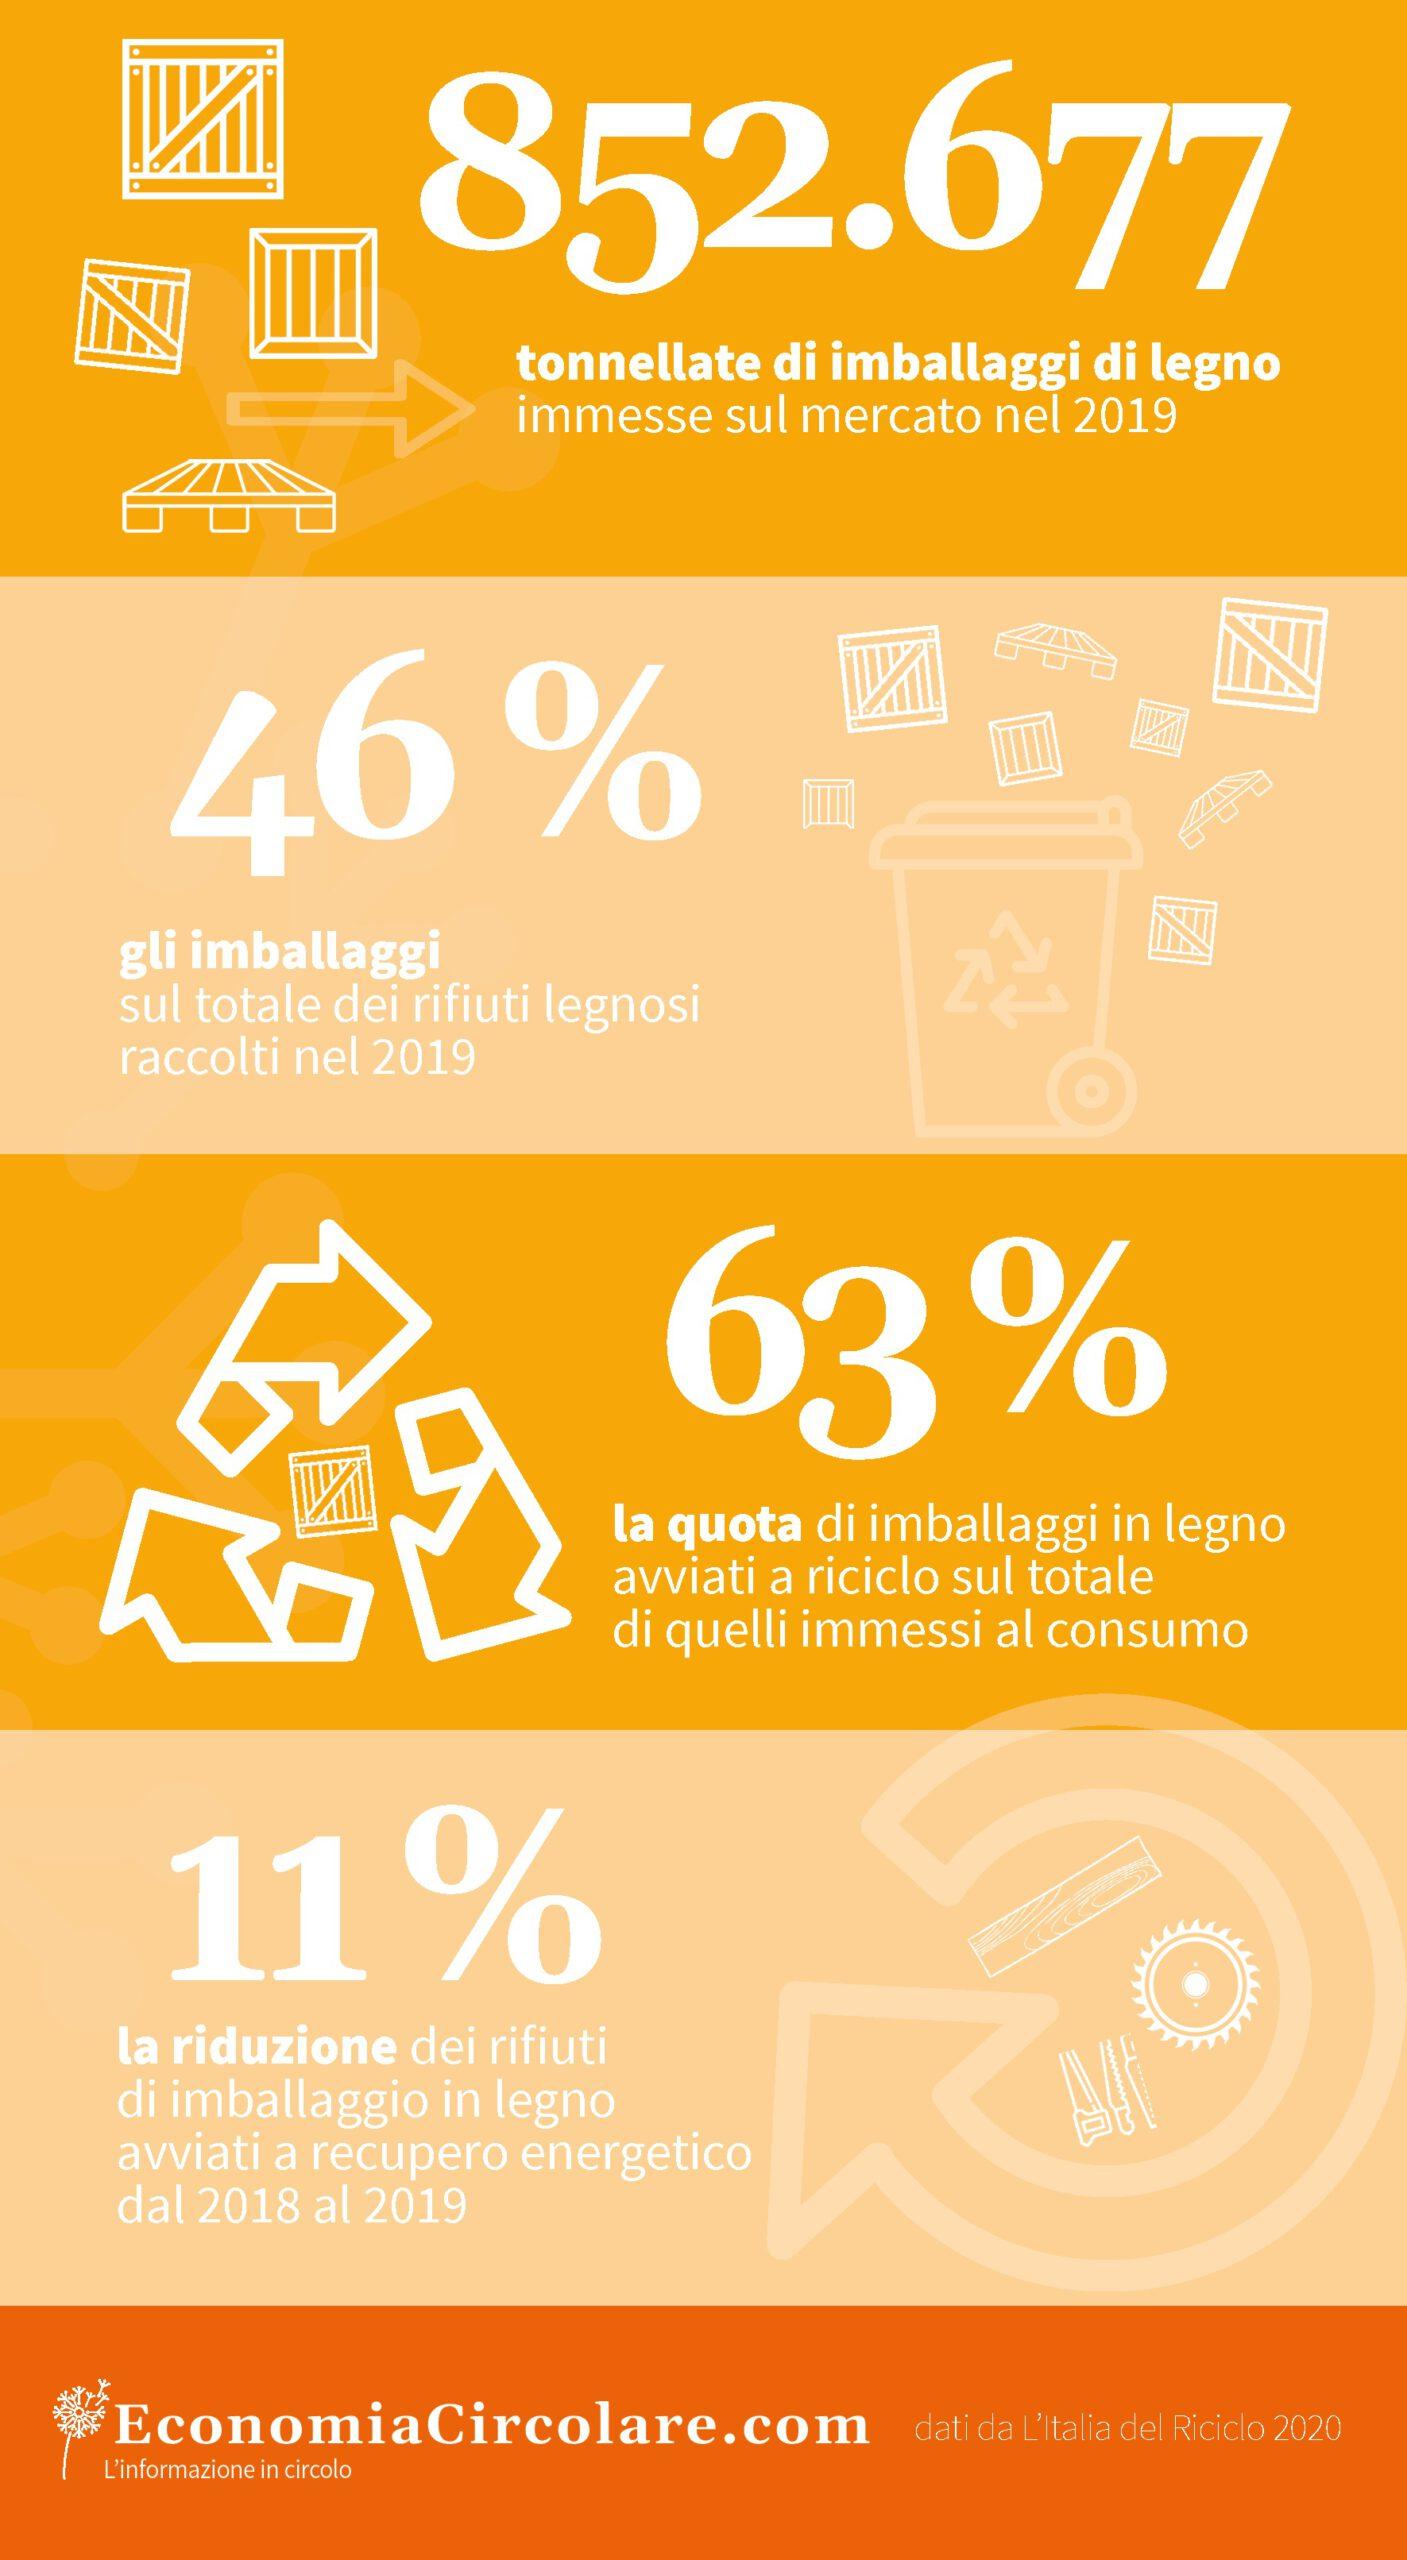 Il riciclo degli imballaggi in legno in Italia 2019